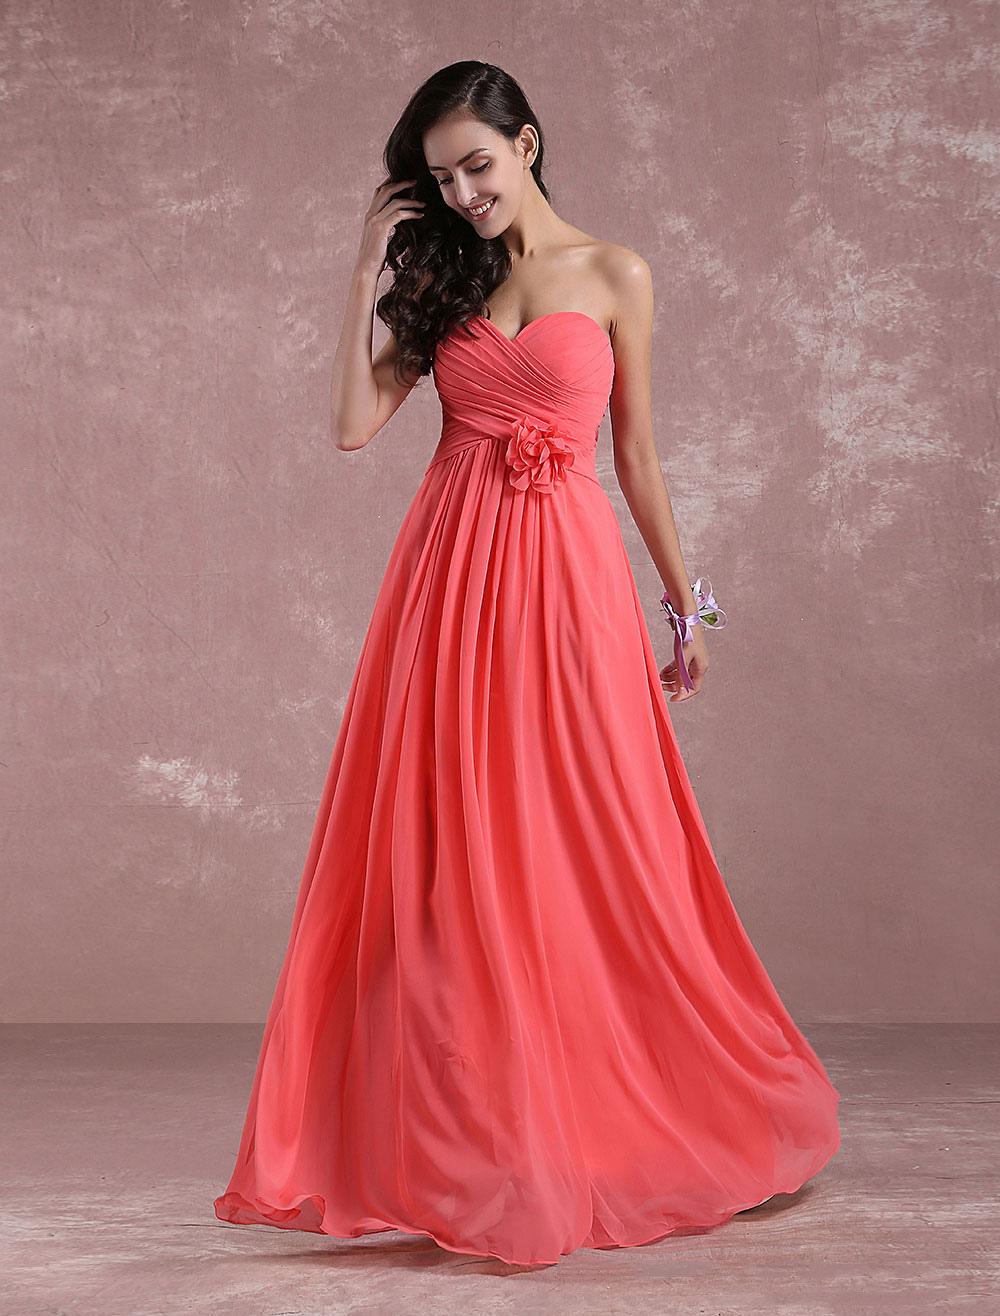 fabbricazione abile rivenditore di vendita più colori Damigella d'onore Chiffon Prom abito corallo fiore senza spalline A linea  pavimento lunghezza partito vestito innamorato